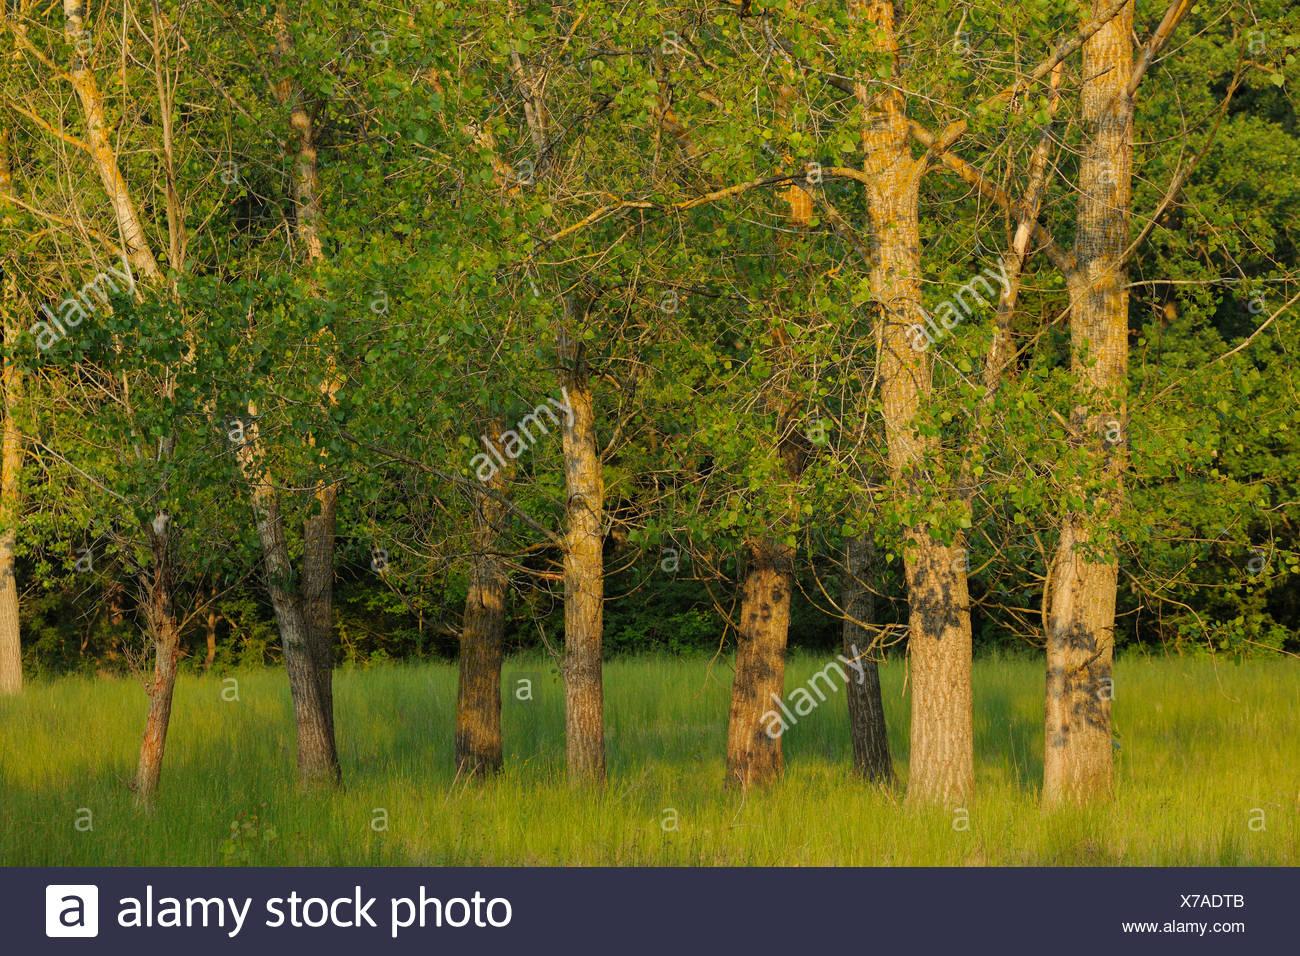 delta white forest